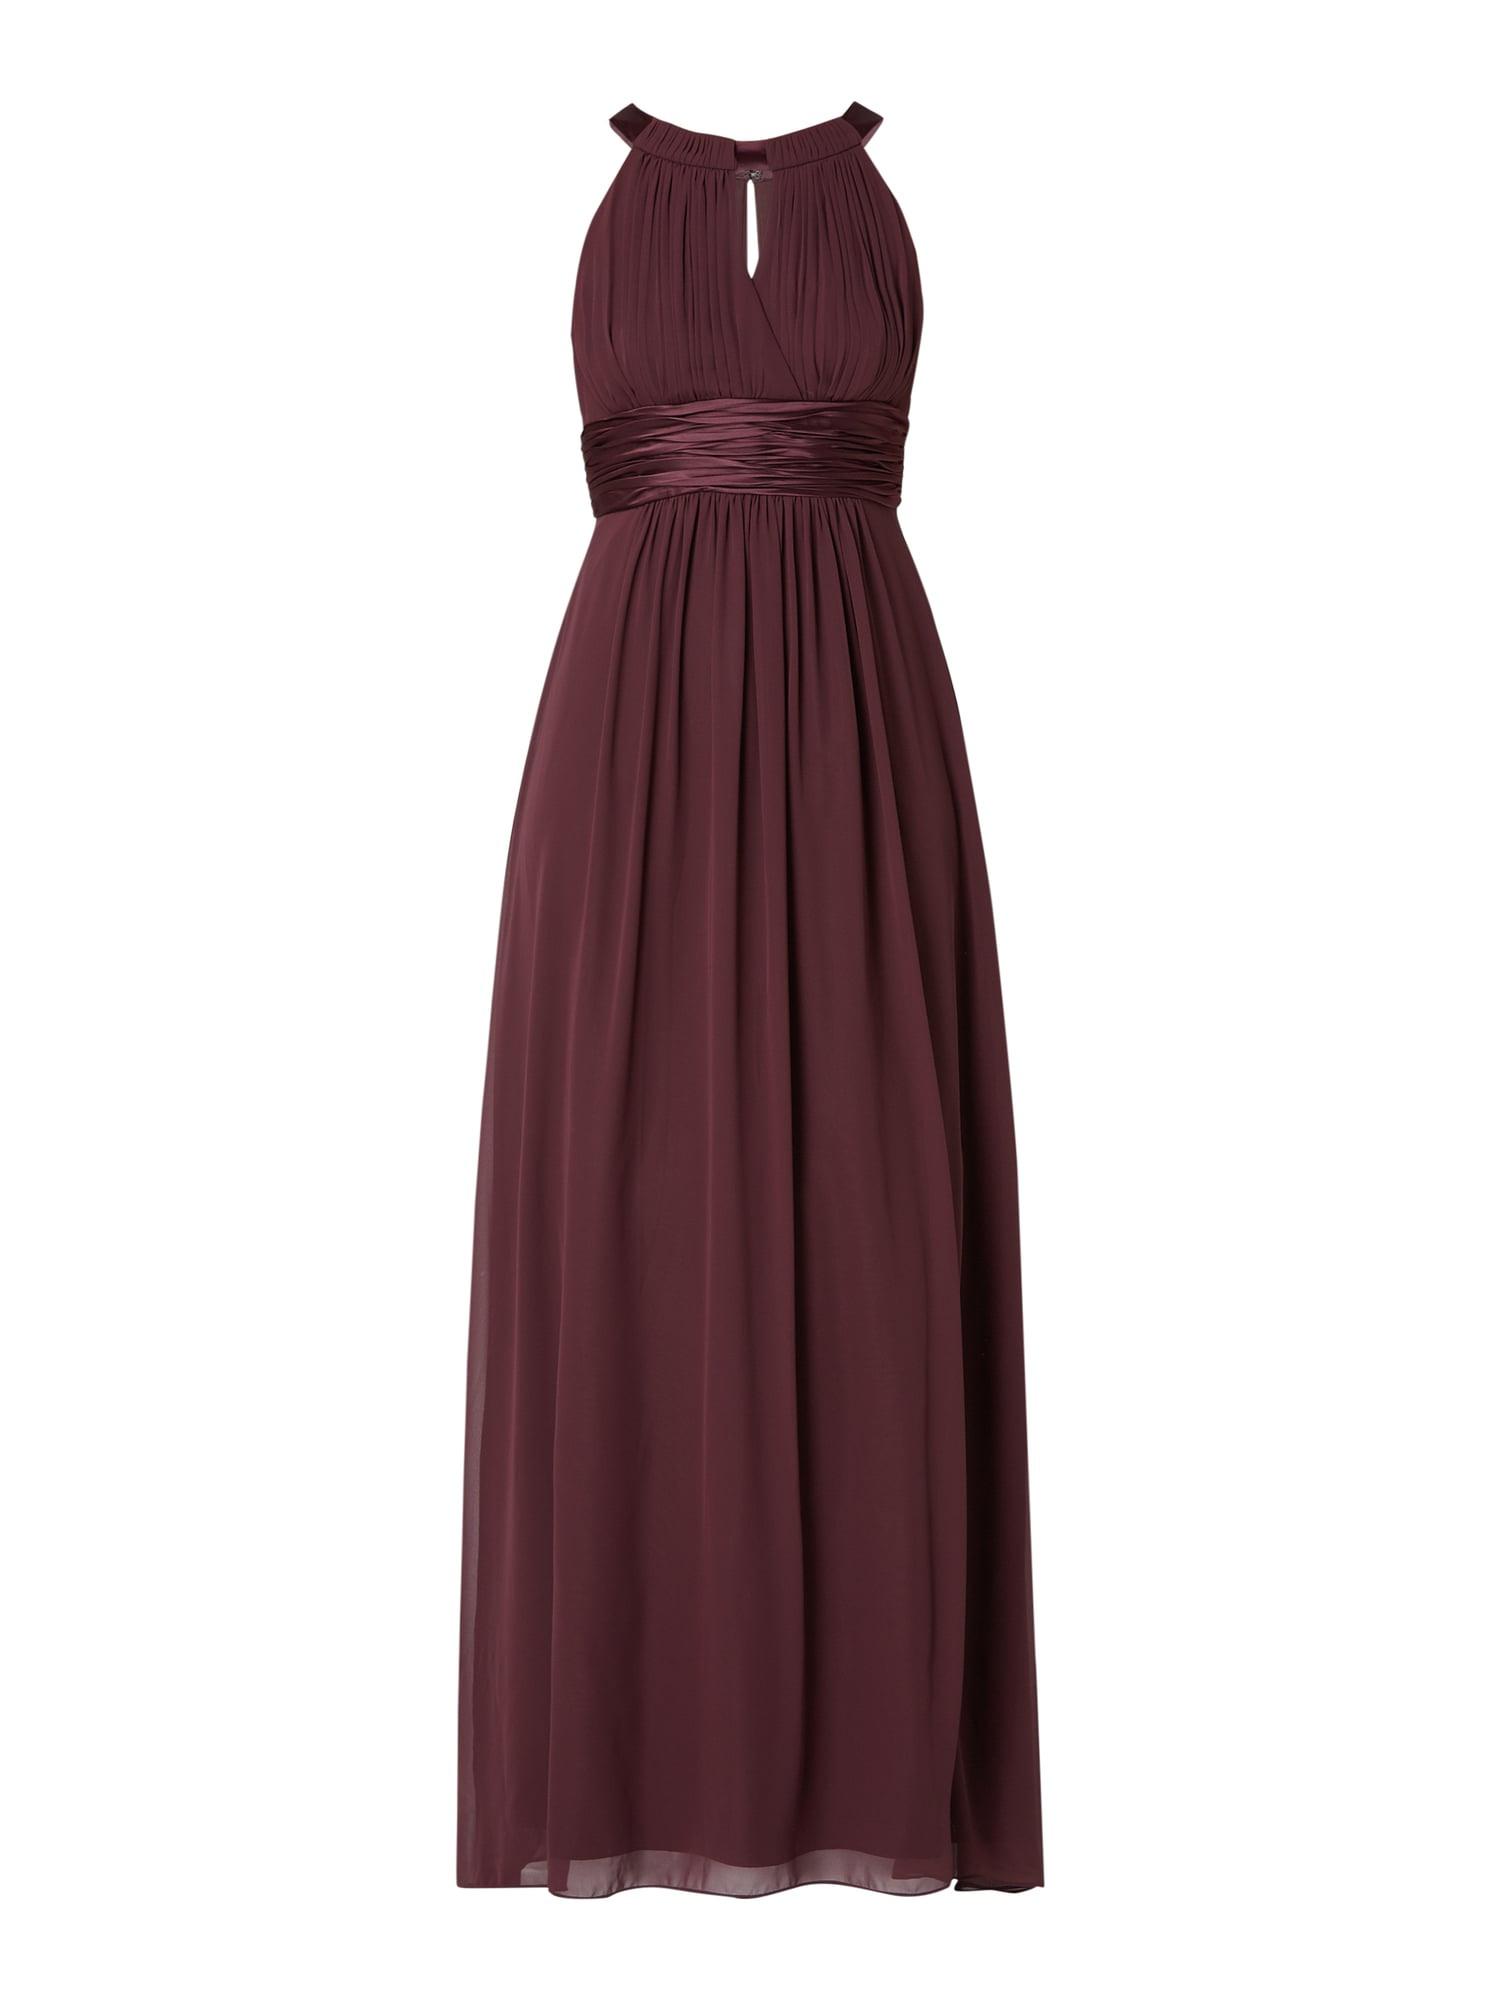 17 schön cocktail abend kleid design  abendkleid